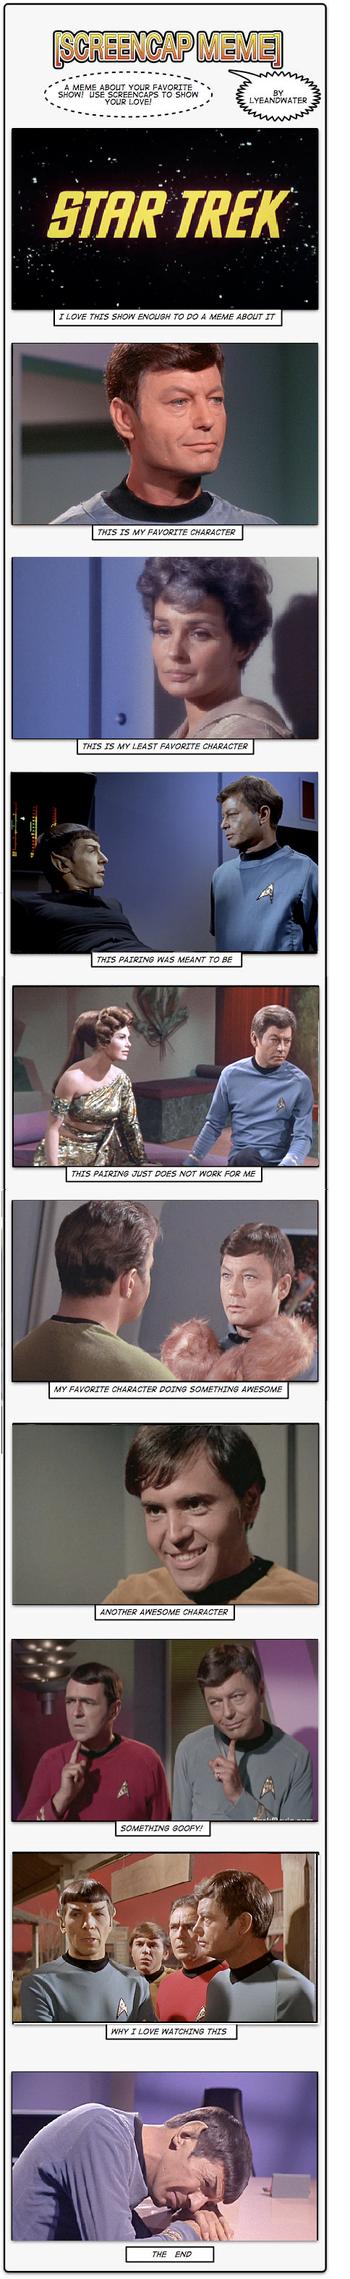 Star Trek Screencaps meme by YuriJojo